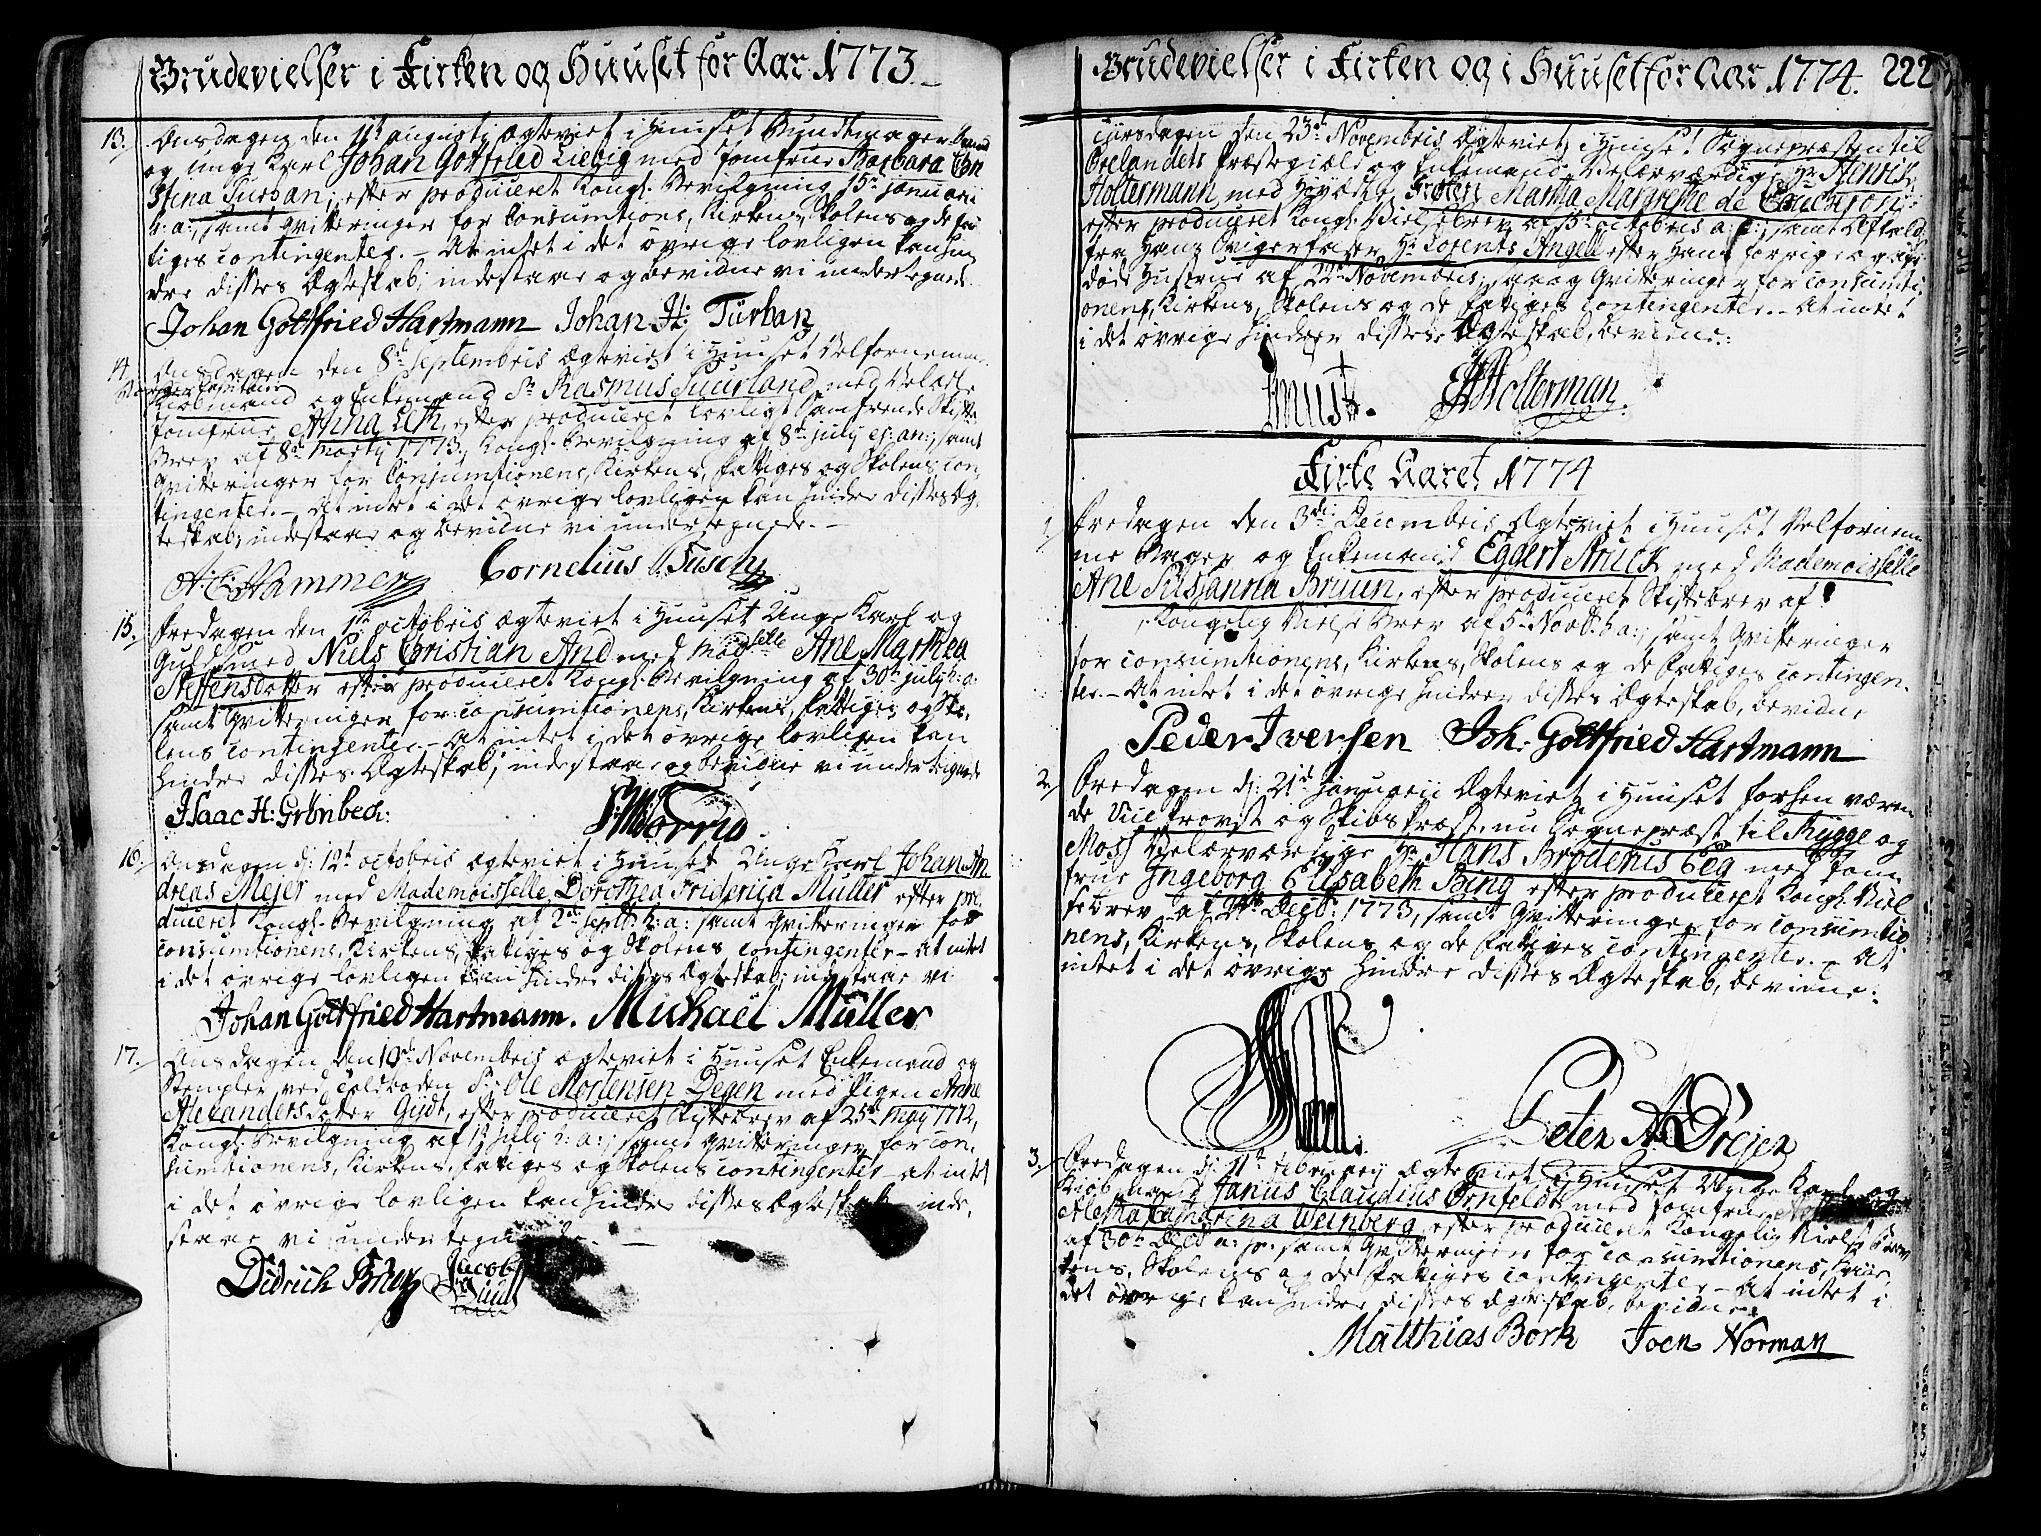 SAT, Ministerialprotokoller, klokkerbøker og fødselsregistre - Sør-Trøndelag, 602/L0103: Ministerialbok nr. 602A01, 1732-1774, s. 222